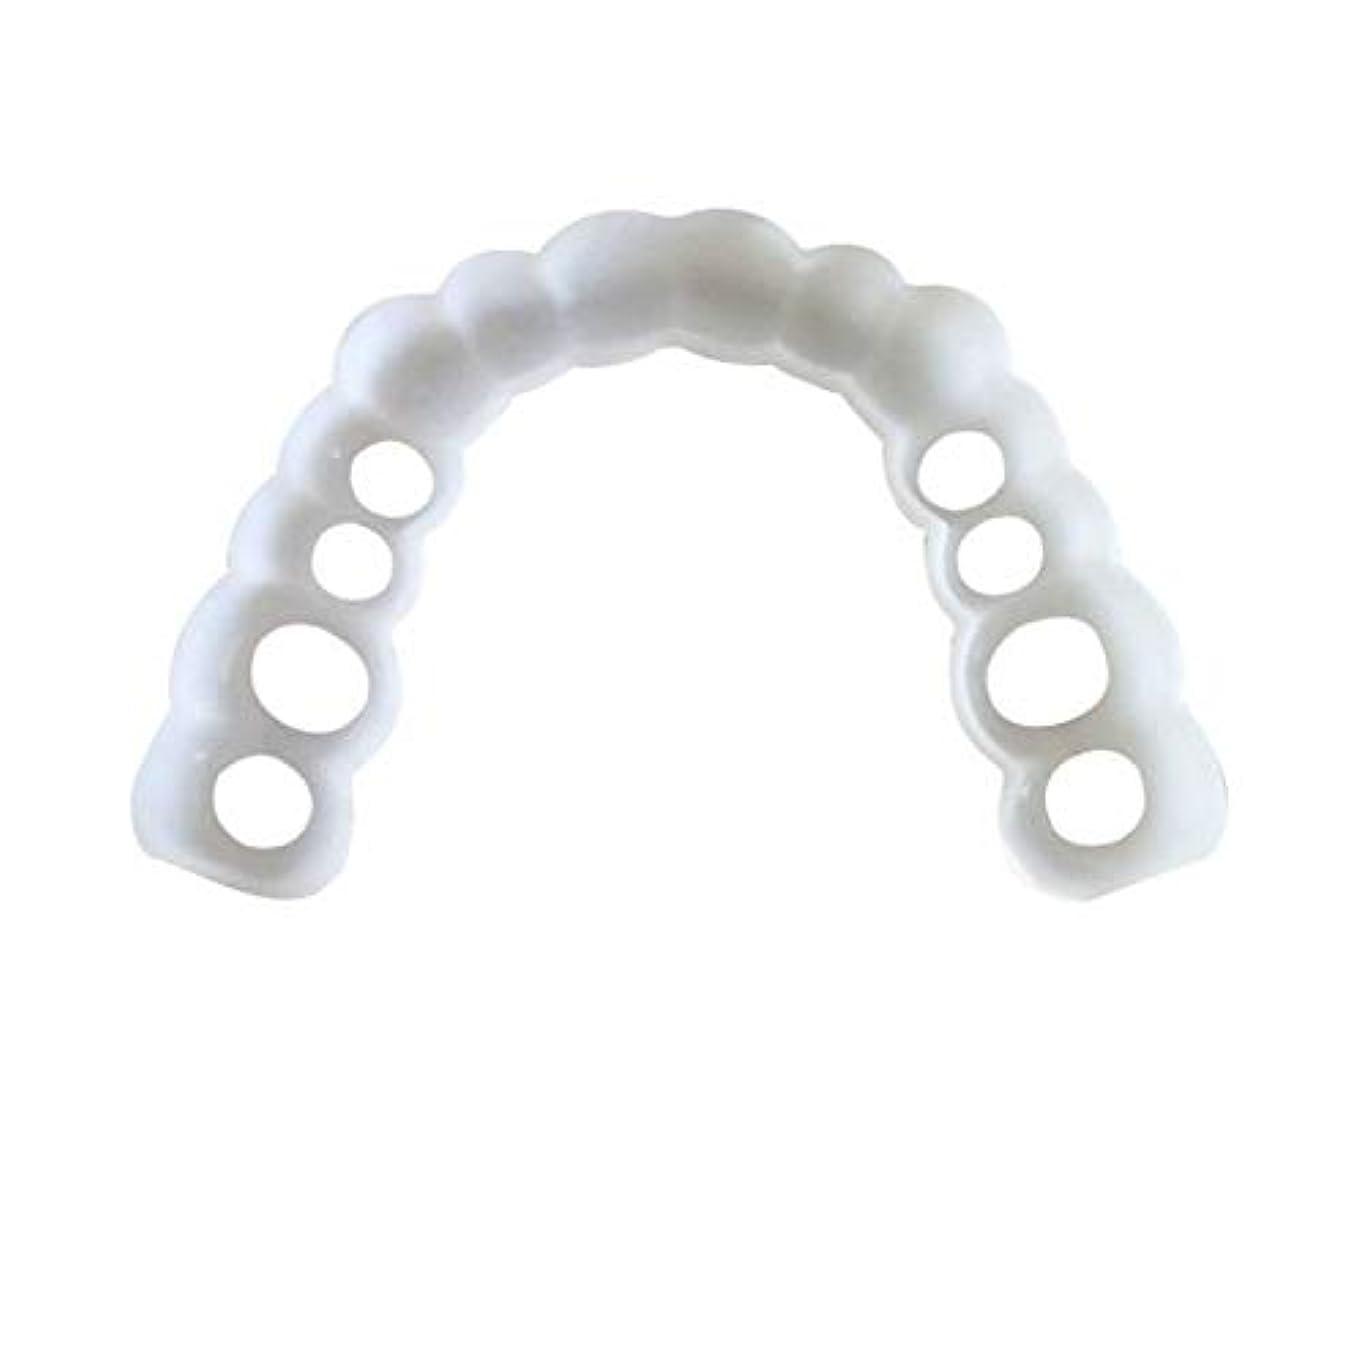 ひどくビスケット要旨777/5000 1組の一時的な化粧品の歯義歯の歯の化粧品の模擬装具アッパーブレース+ロワーブレース、インスタント快適なフレックスパーフェクトベニア上の歯のスナップキャップ